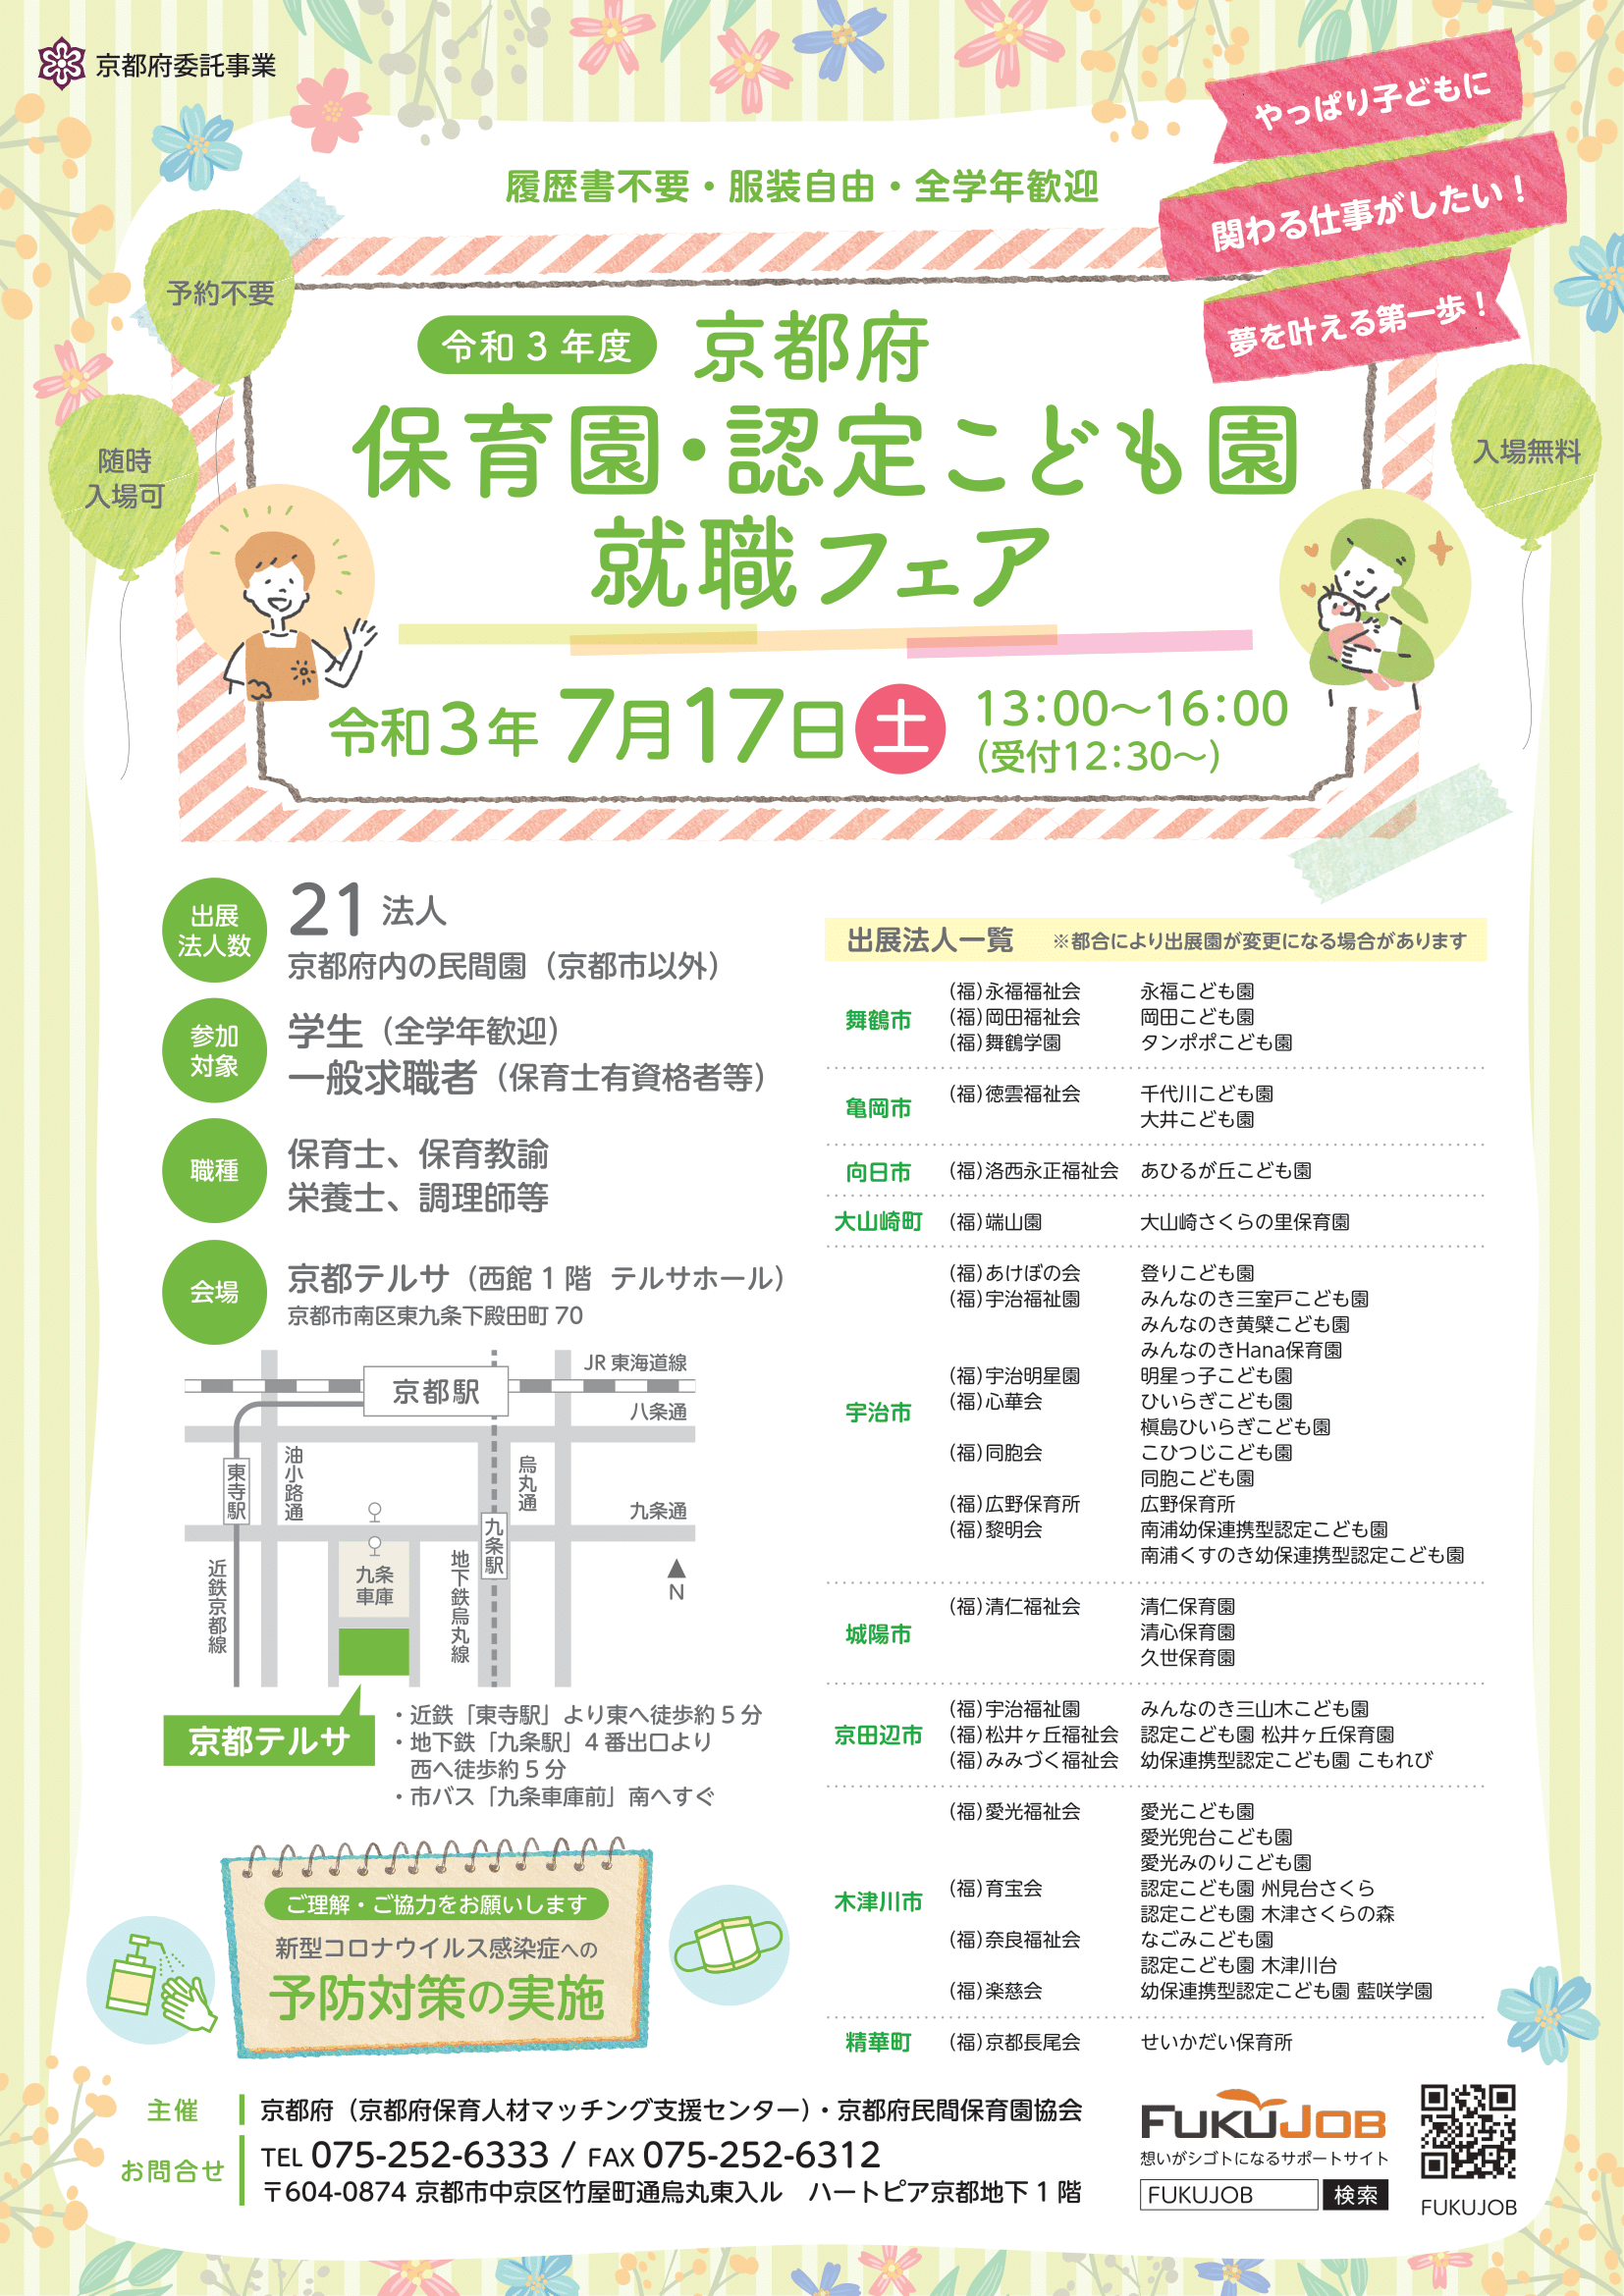 【7月17日開催】令和3年度 京都府保育園・認定こども園就職フェア